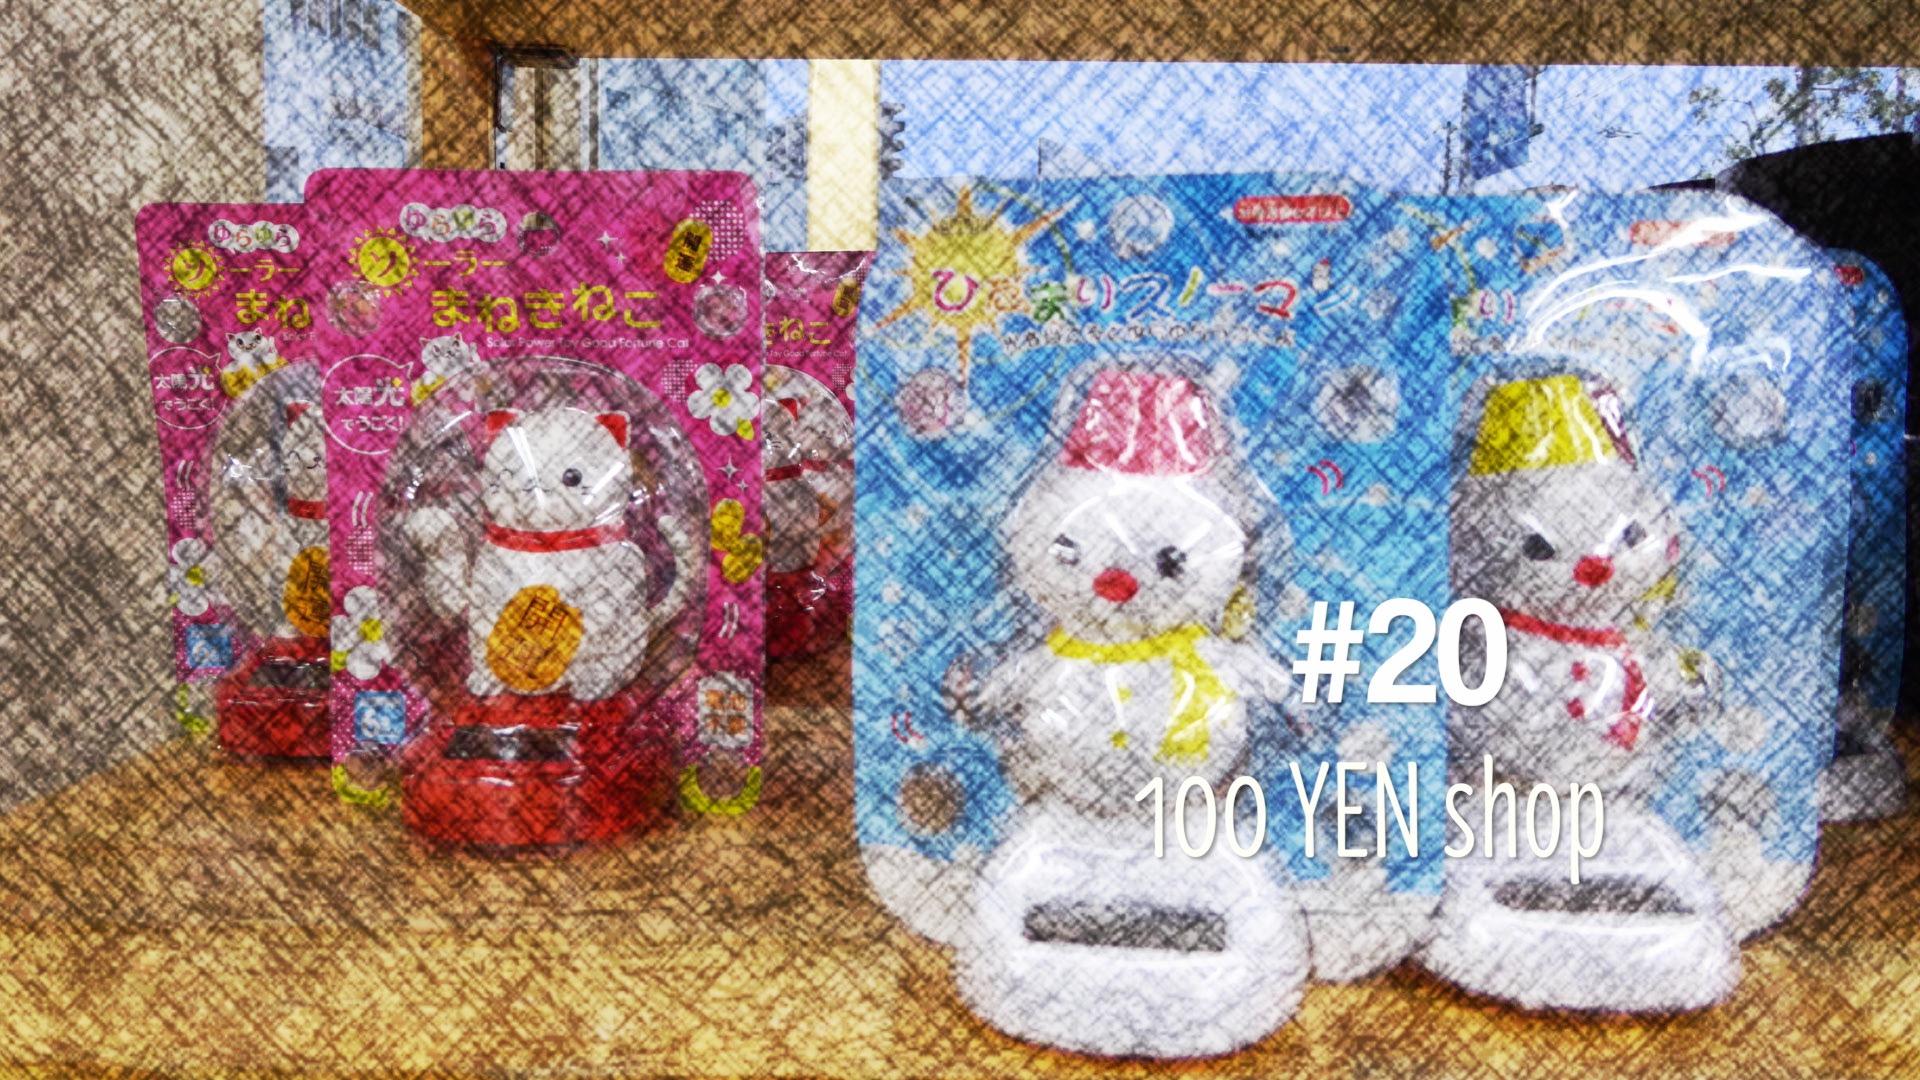 Les fabuleux magasins 100 yen shops au Japon (#20)